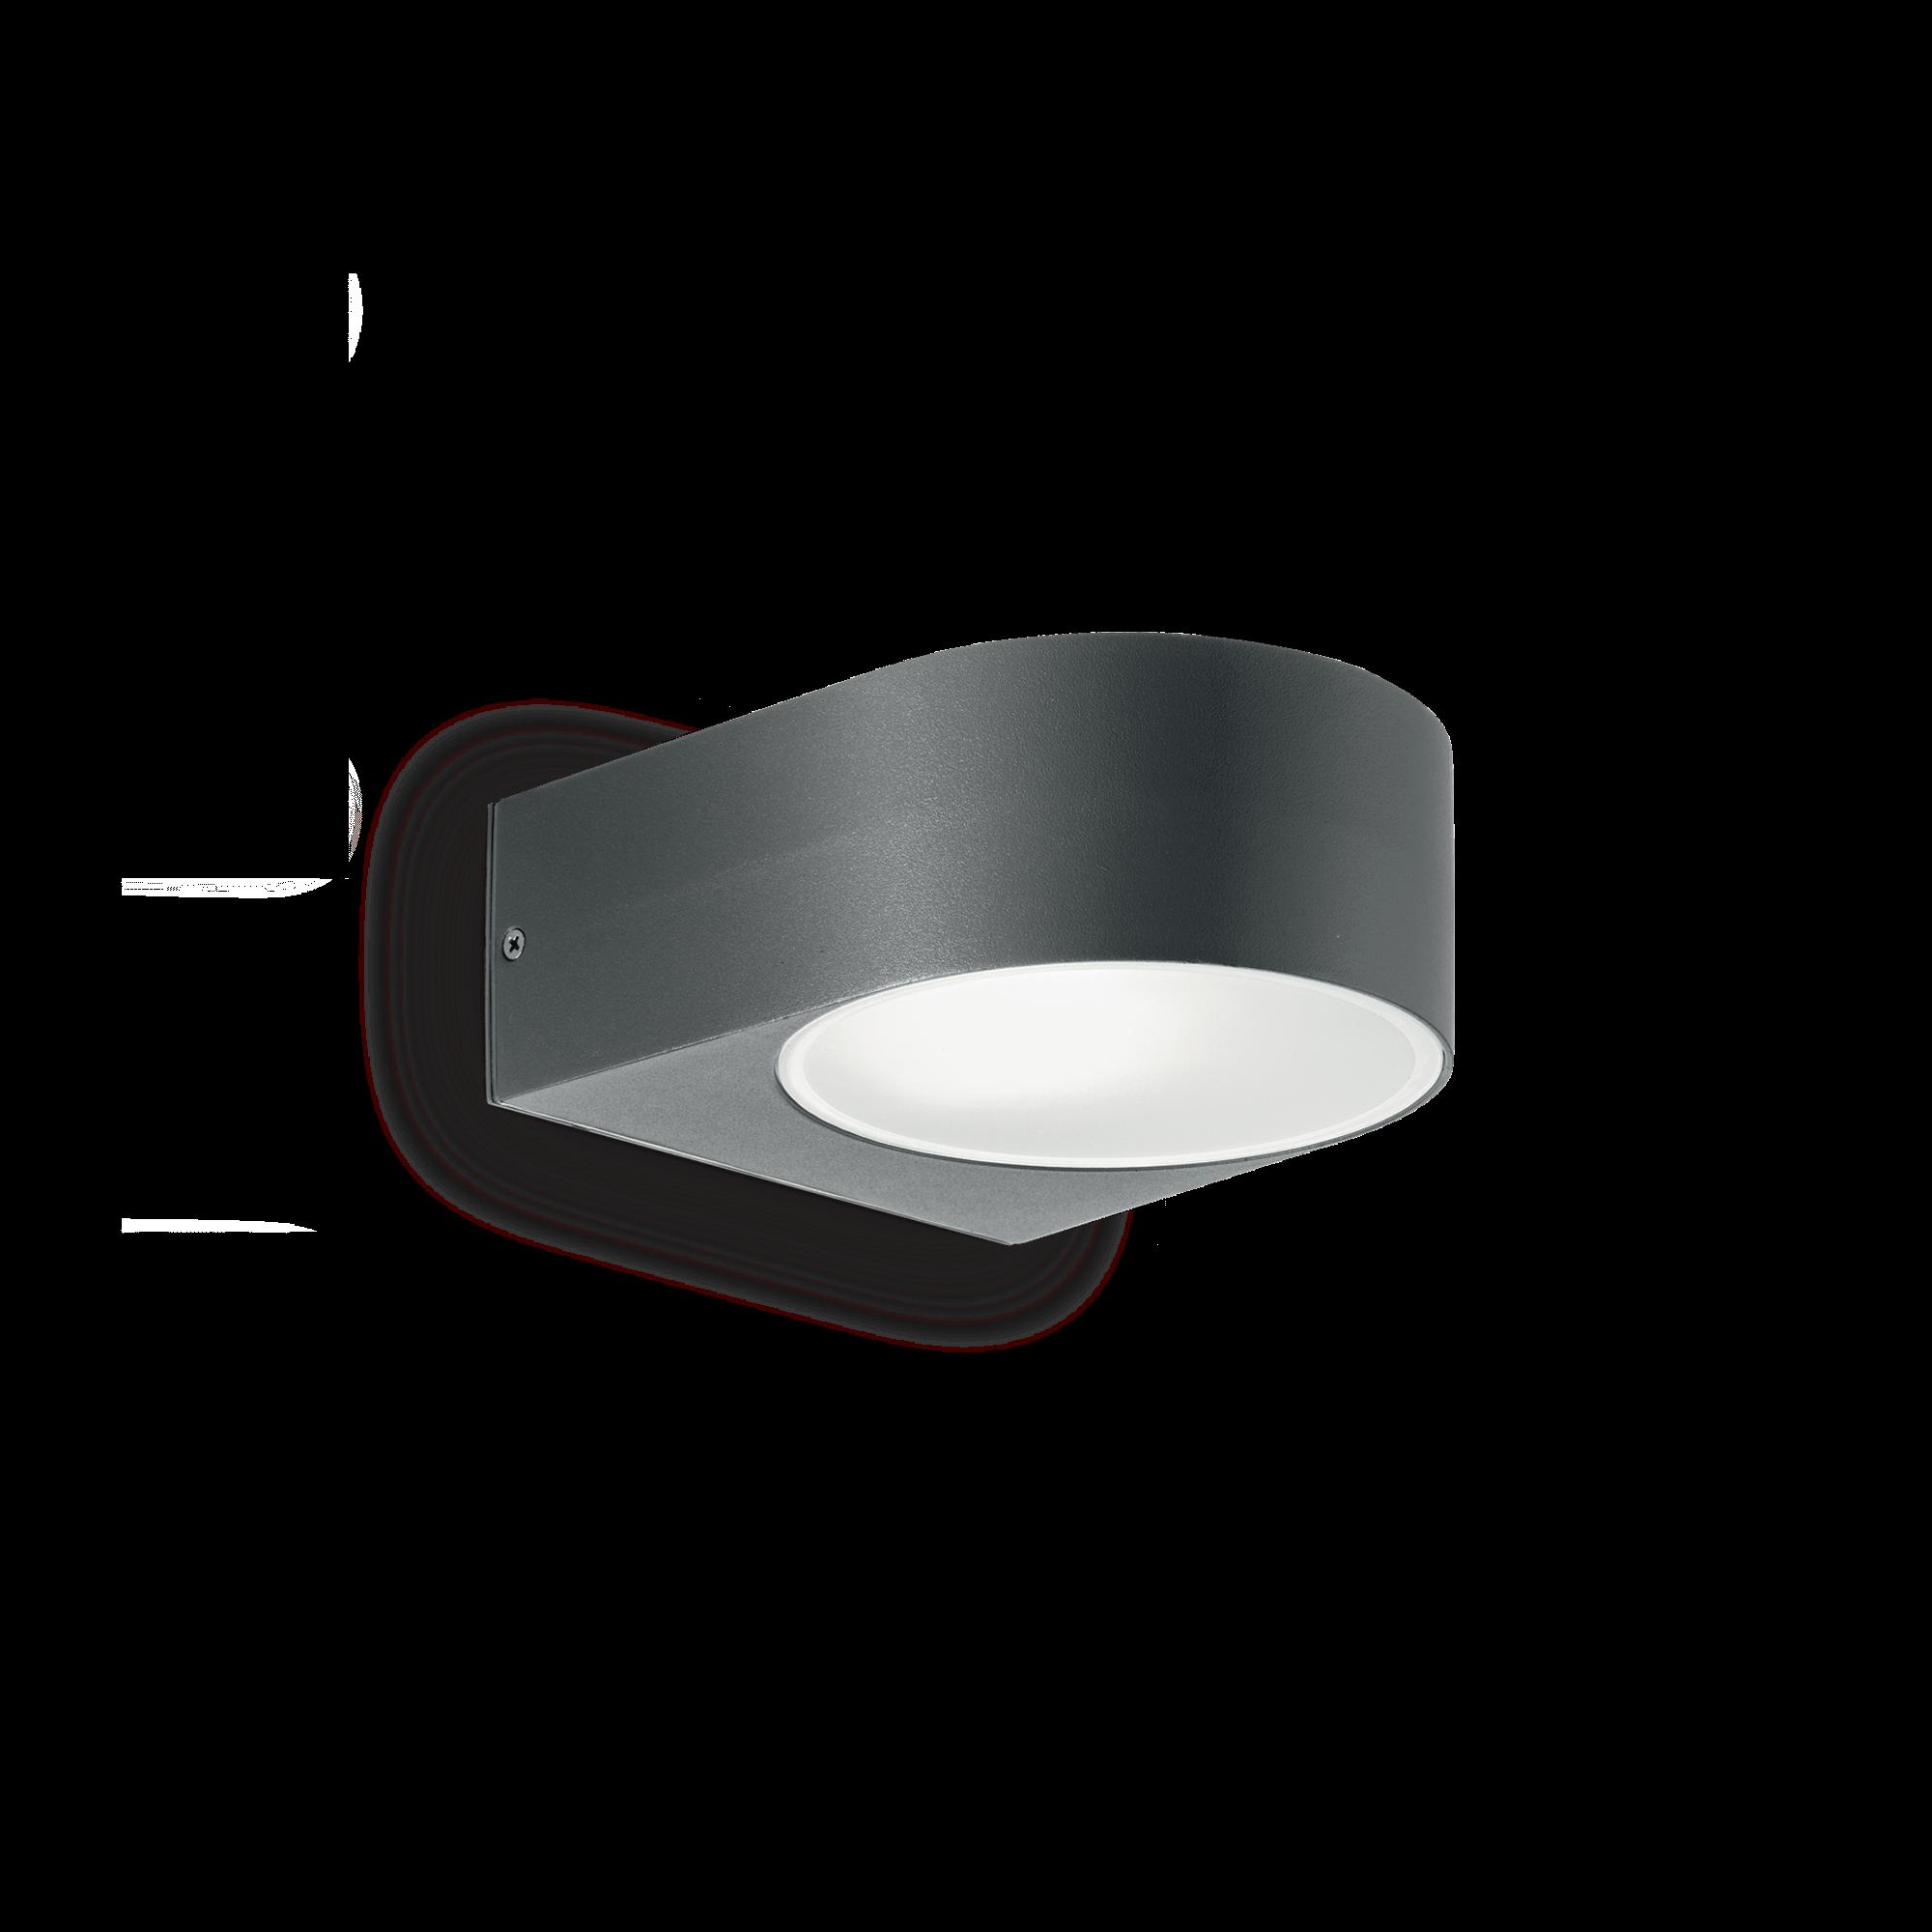 Ideal Lux 018515 Iko AP1 Antracite kerti falilámpa